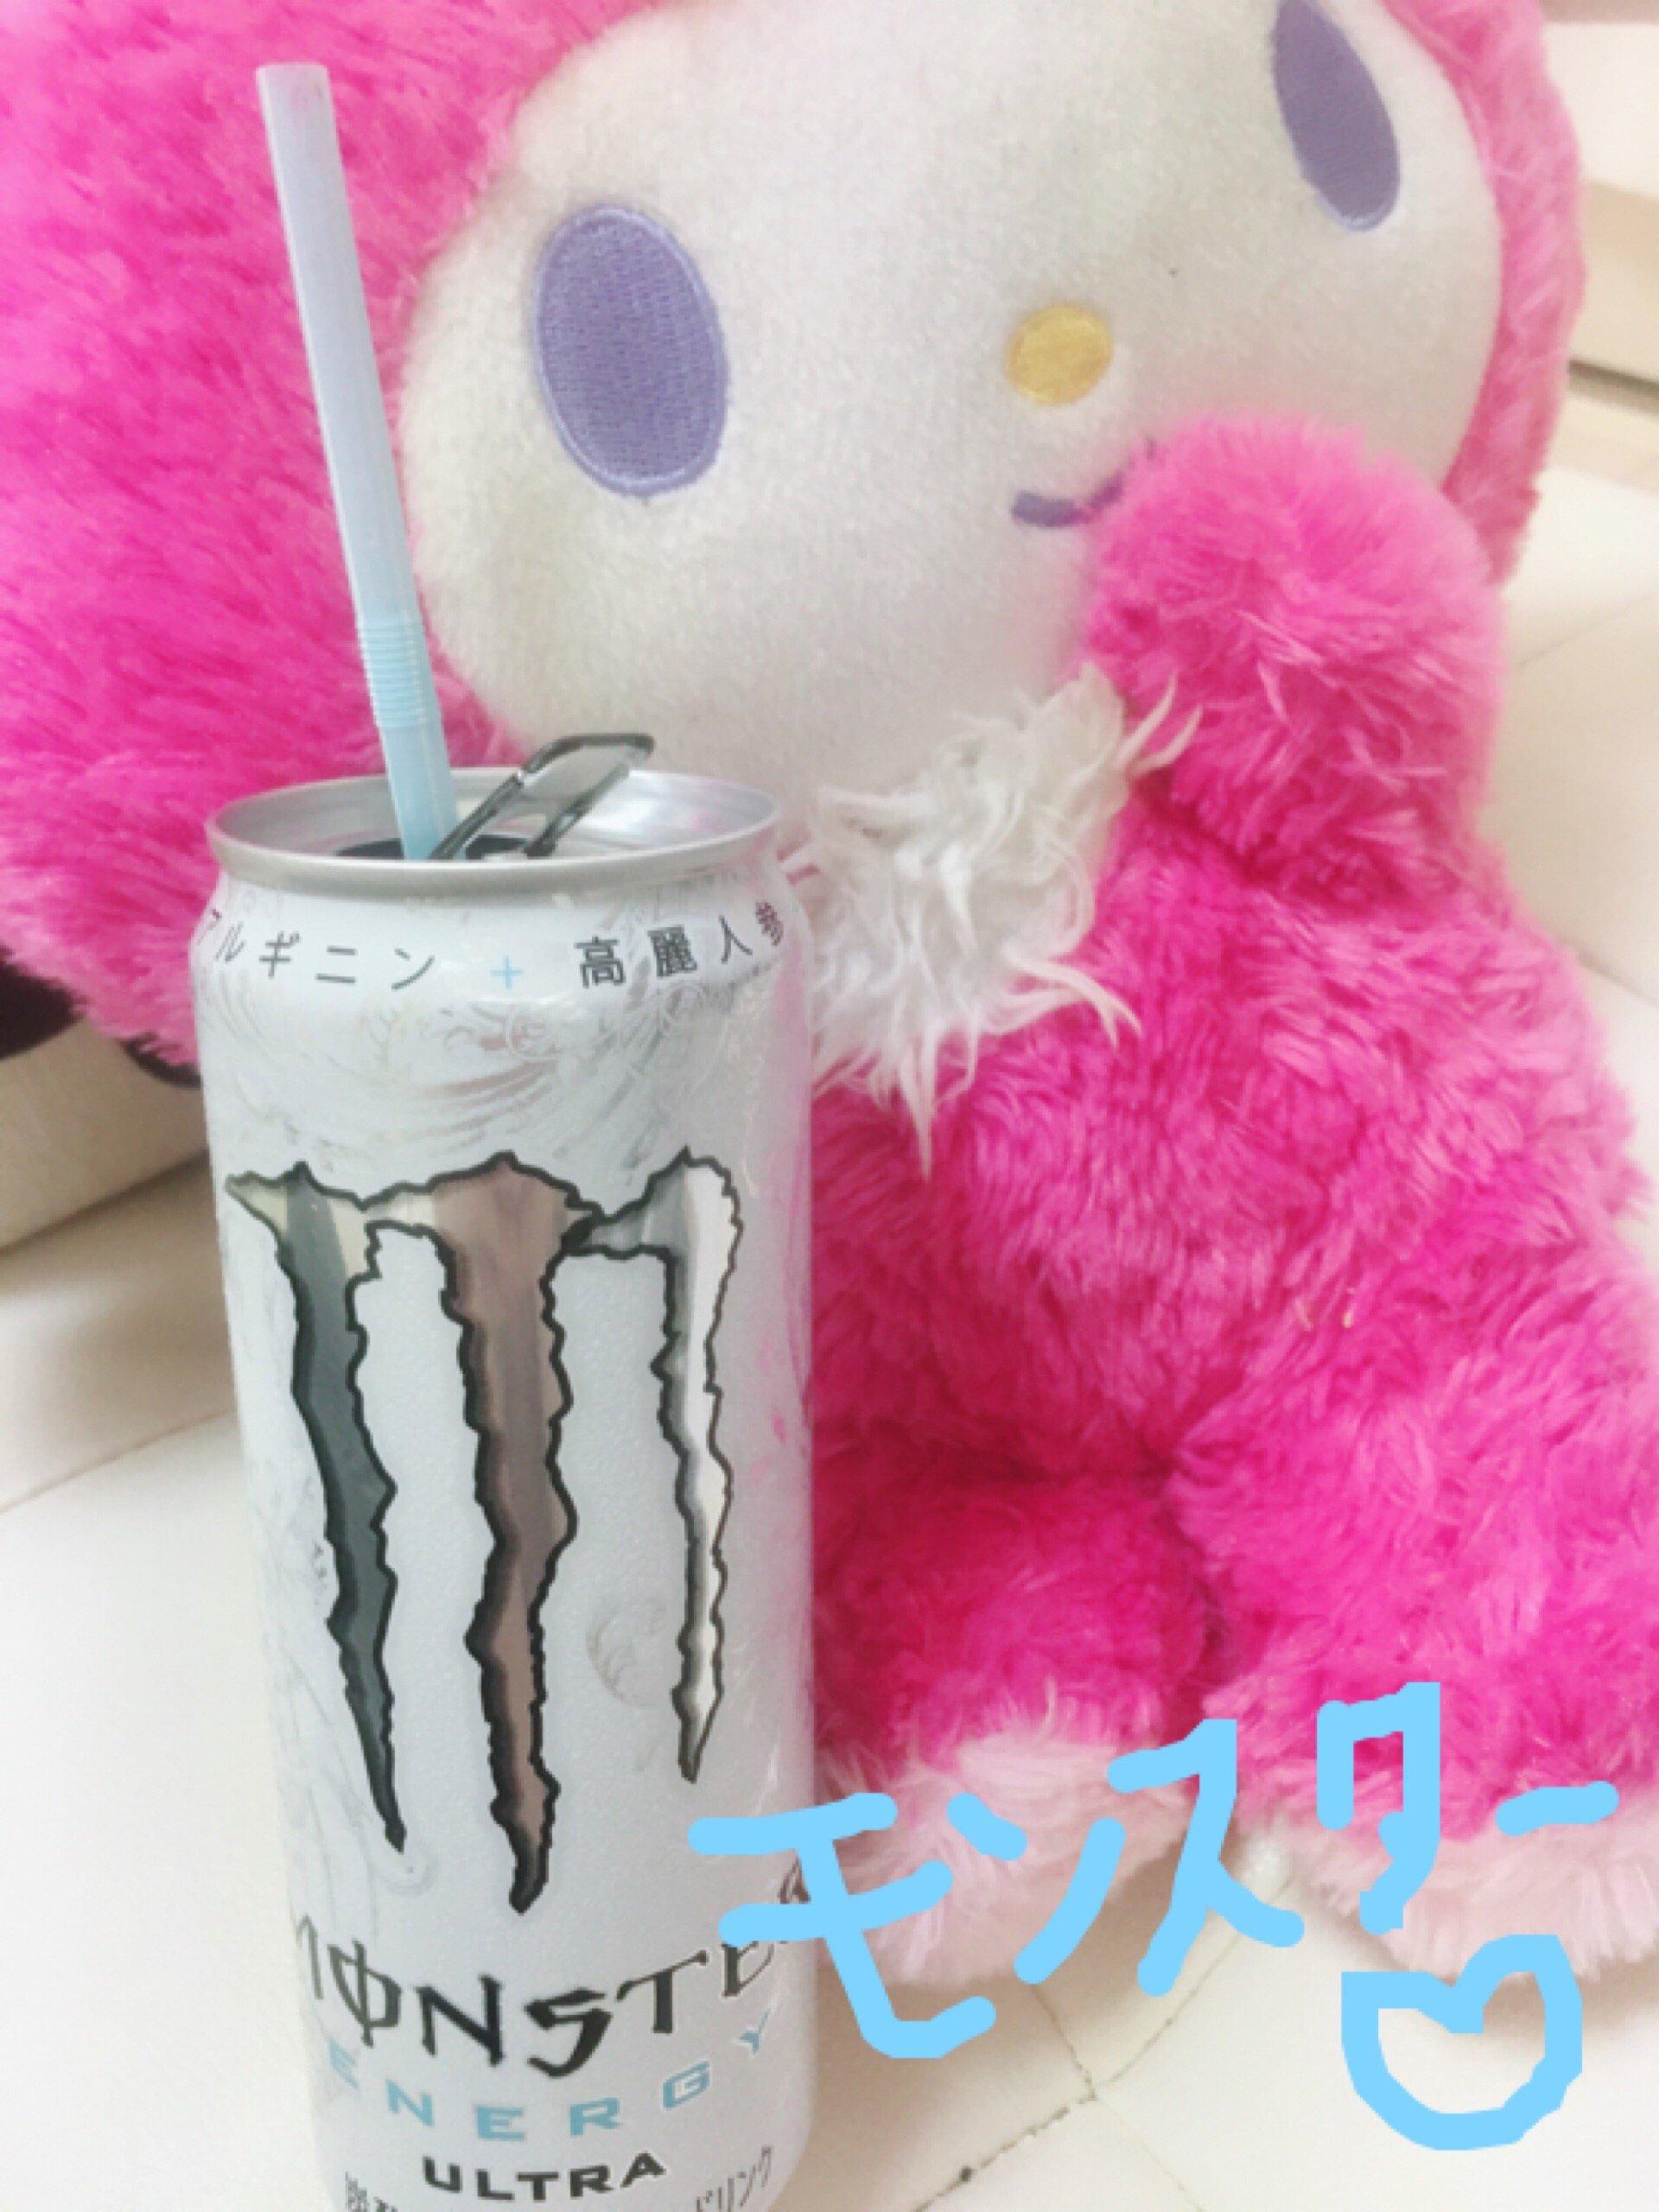 05/21のツイート画像